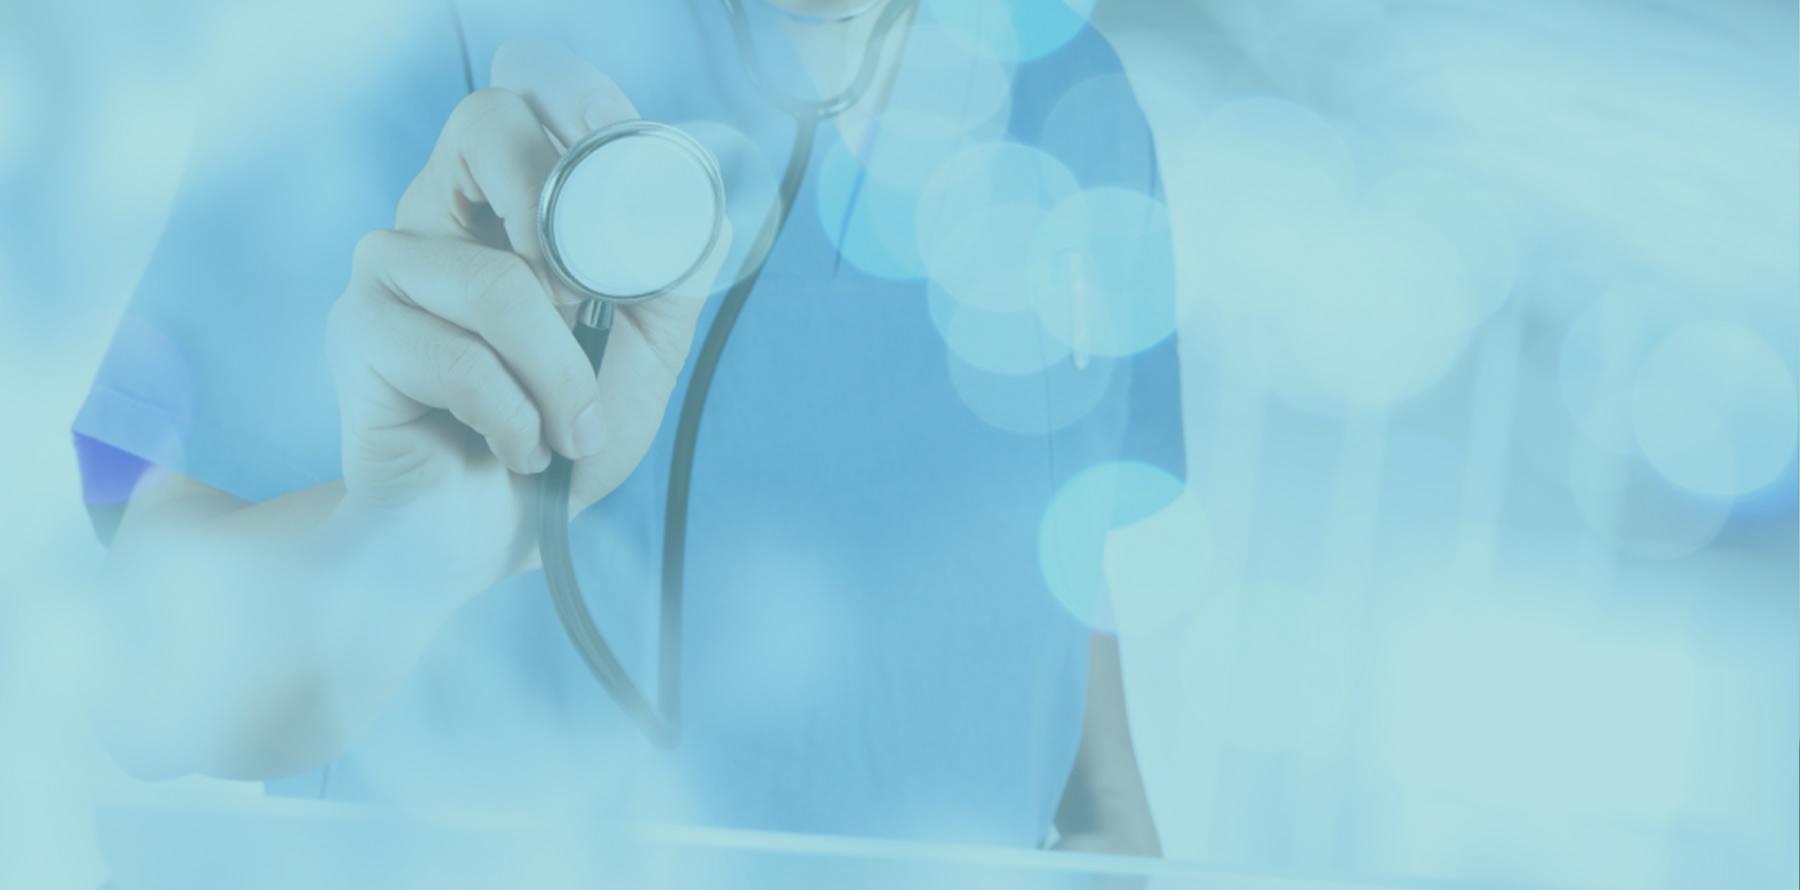 Attivato il servizio di rimborsi on line e aggiornato il piano sanitario